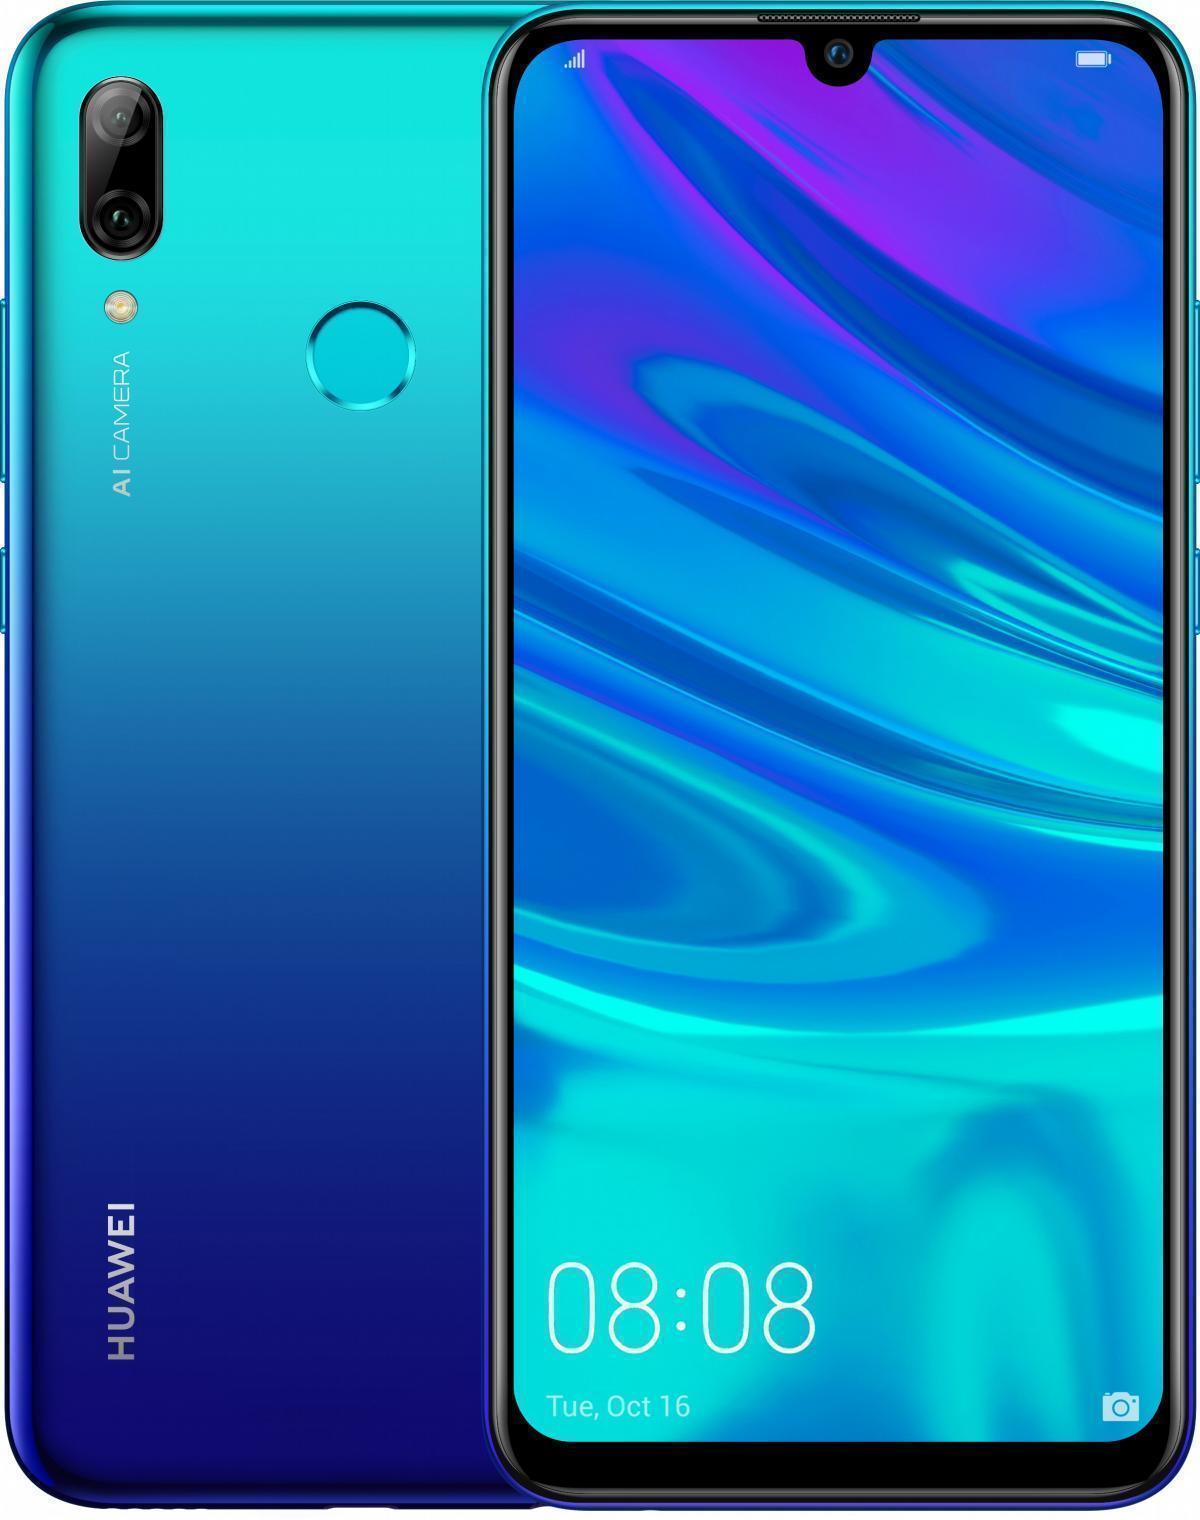 Huawei P Smart (2019) 3/32Gb (Ярко-голубой) (POT-LX1)